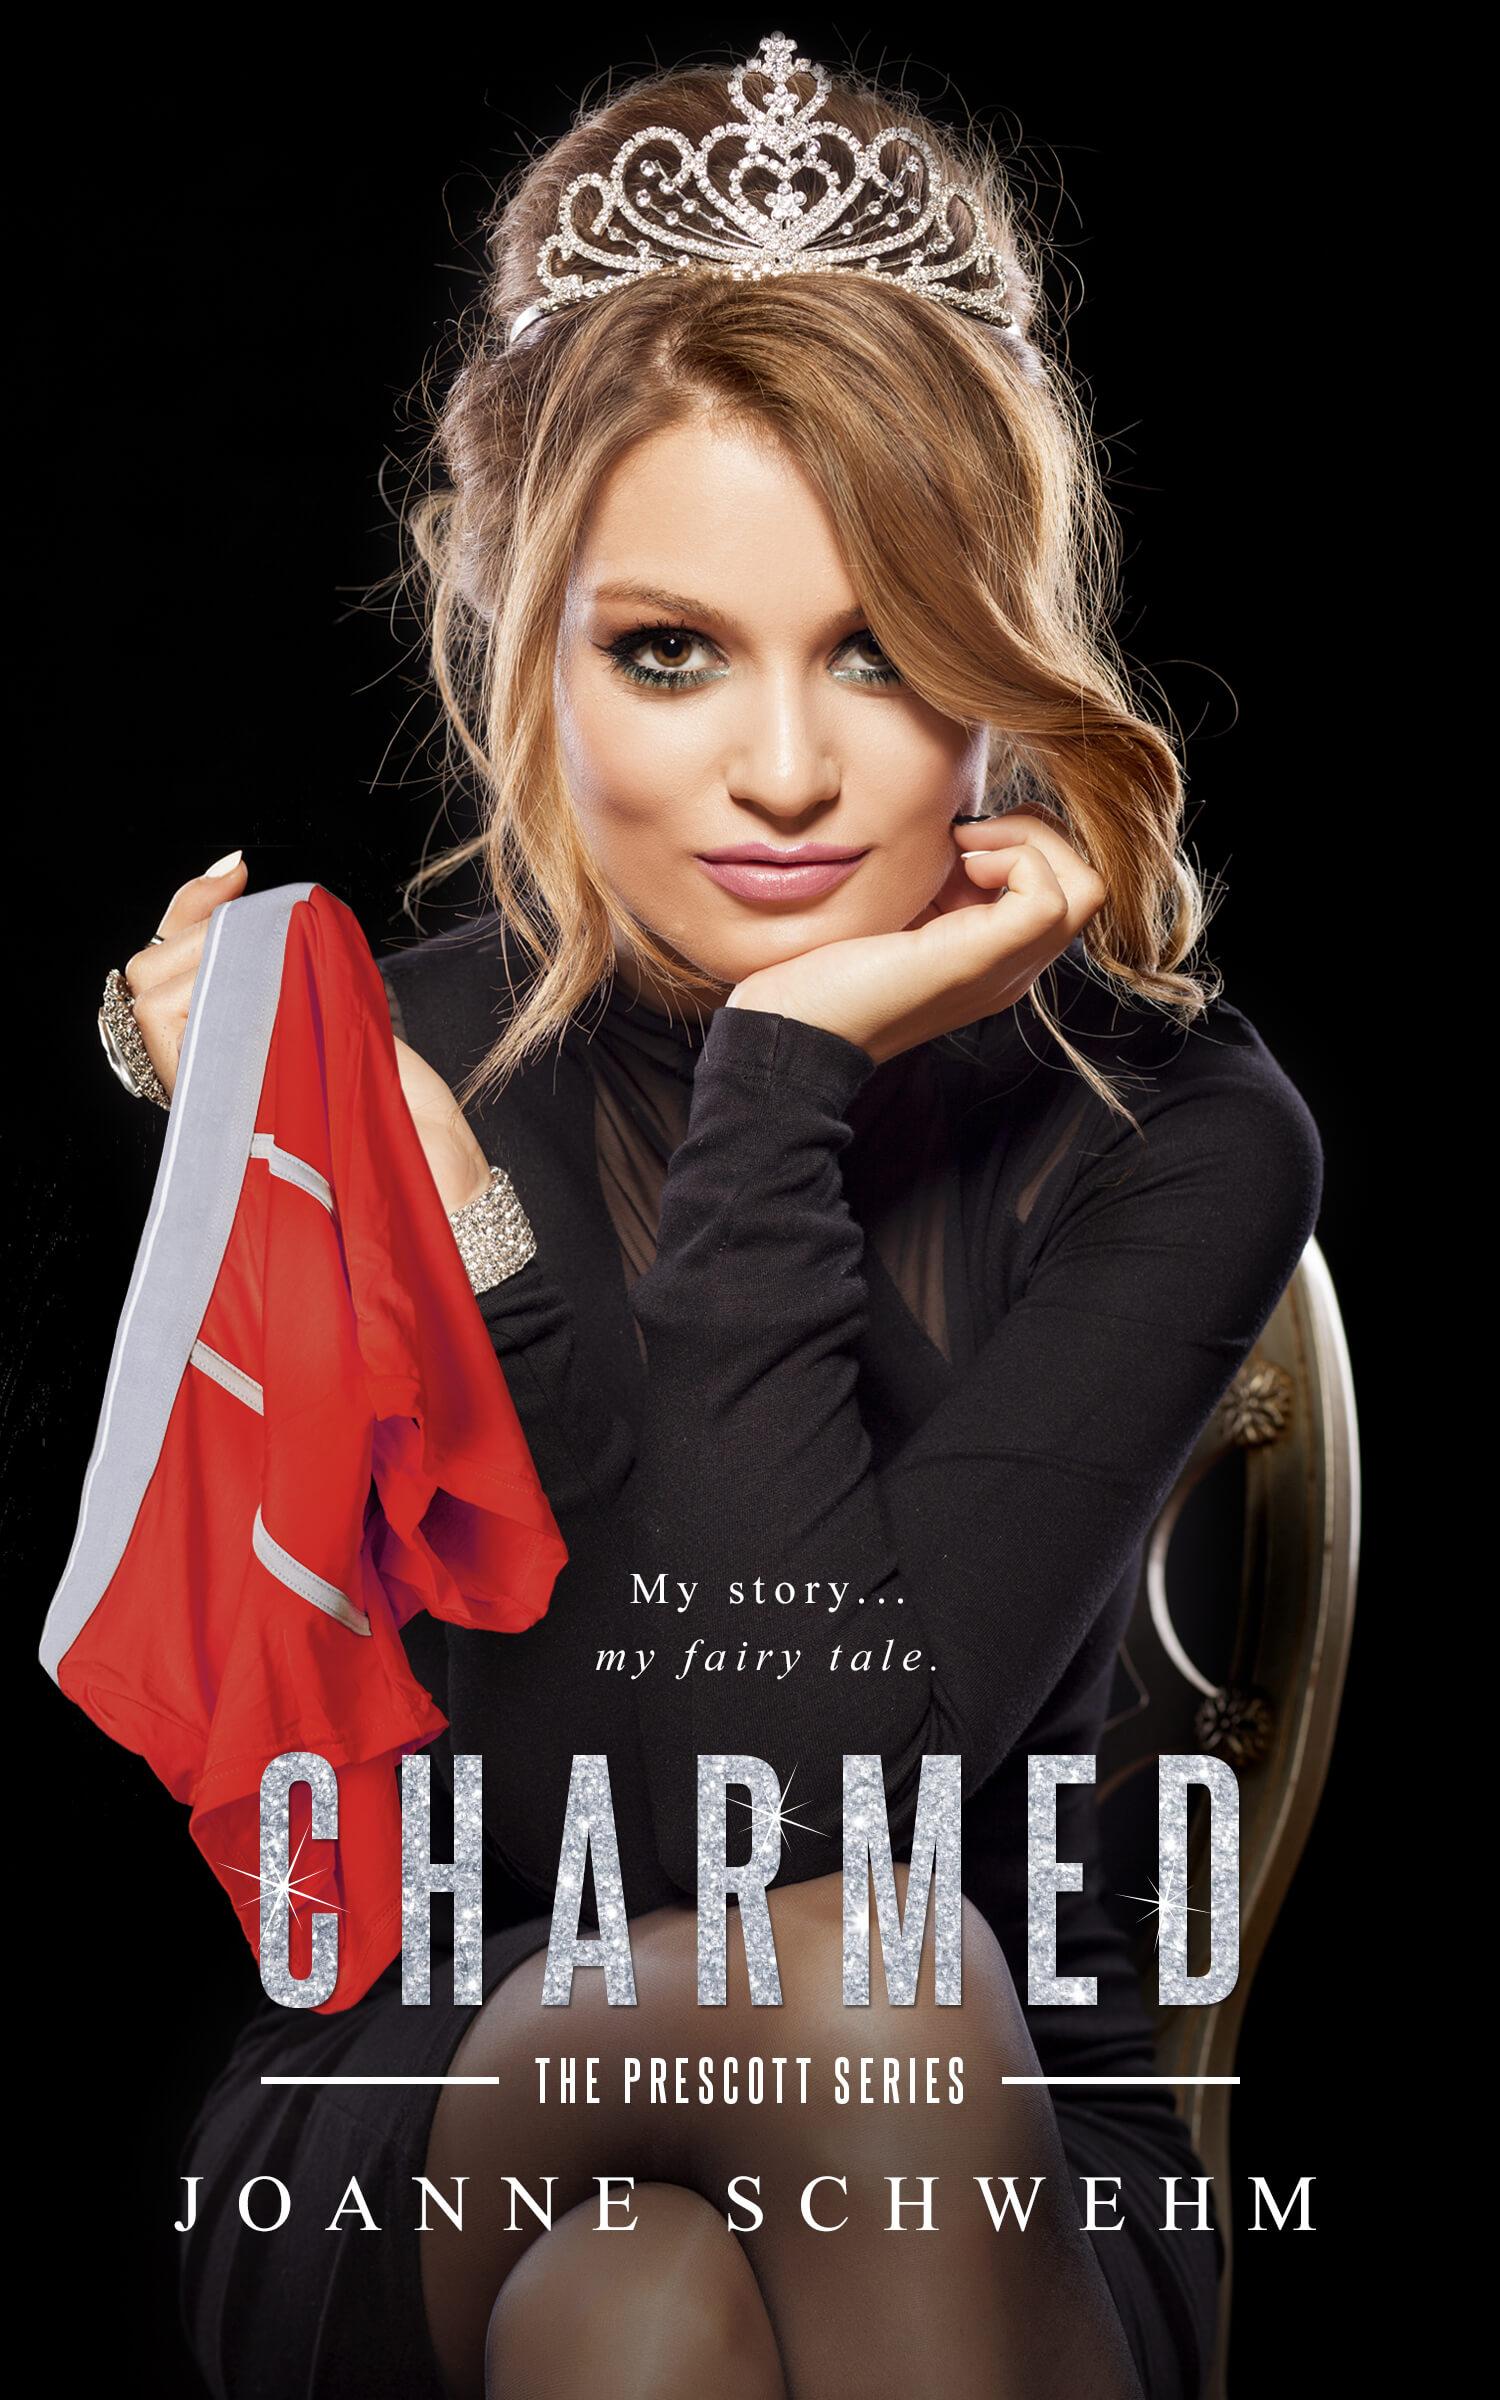 Charmed by Joanne Schwehm: Review